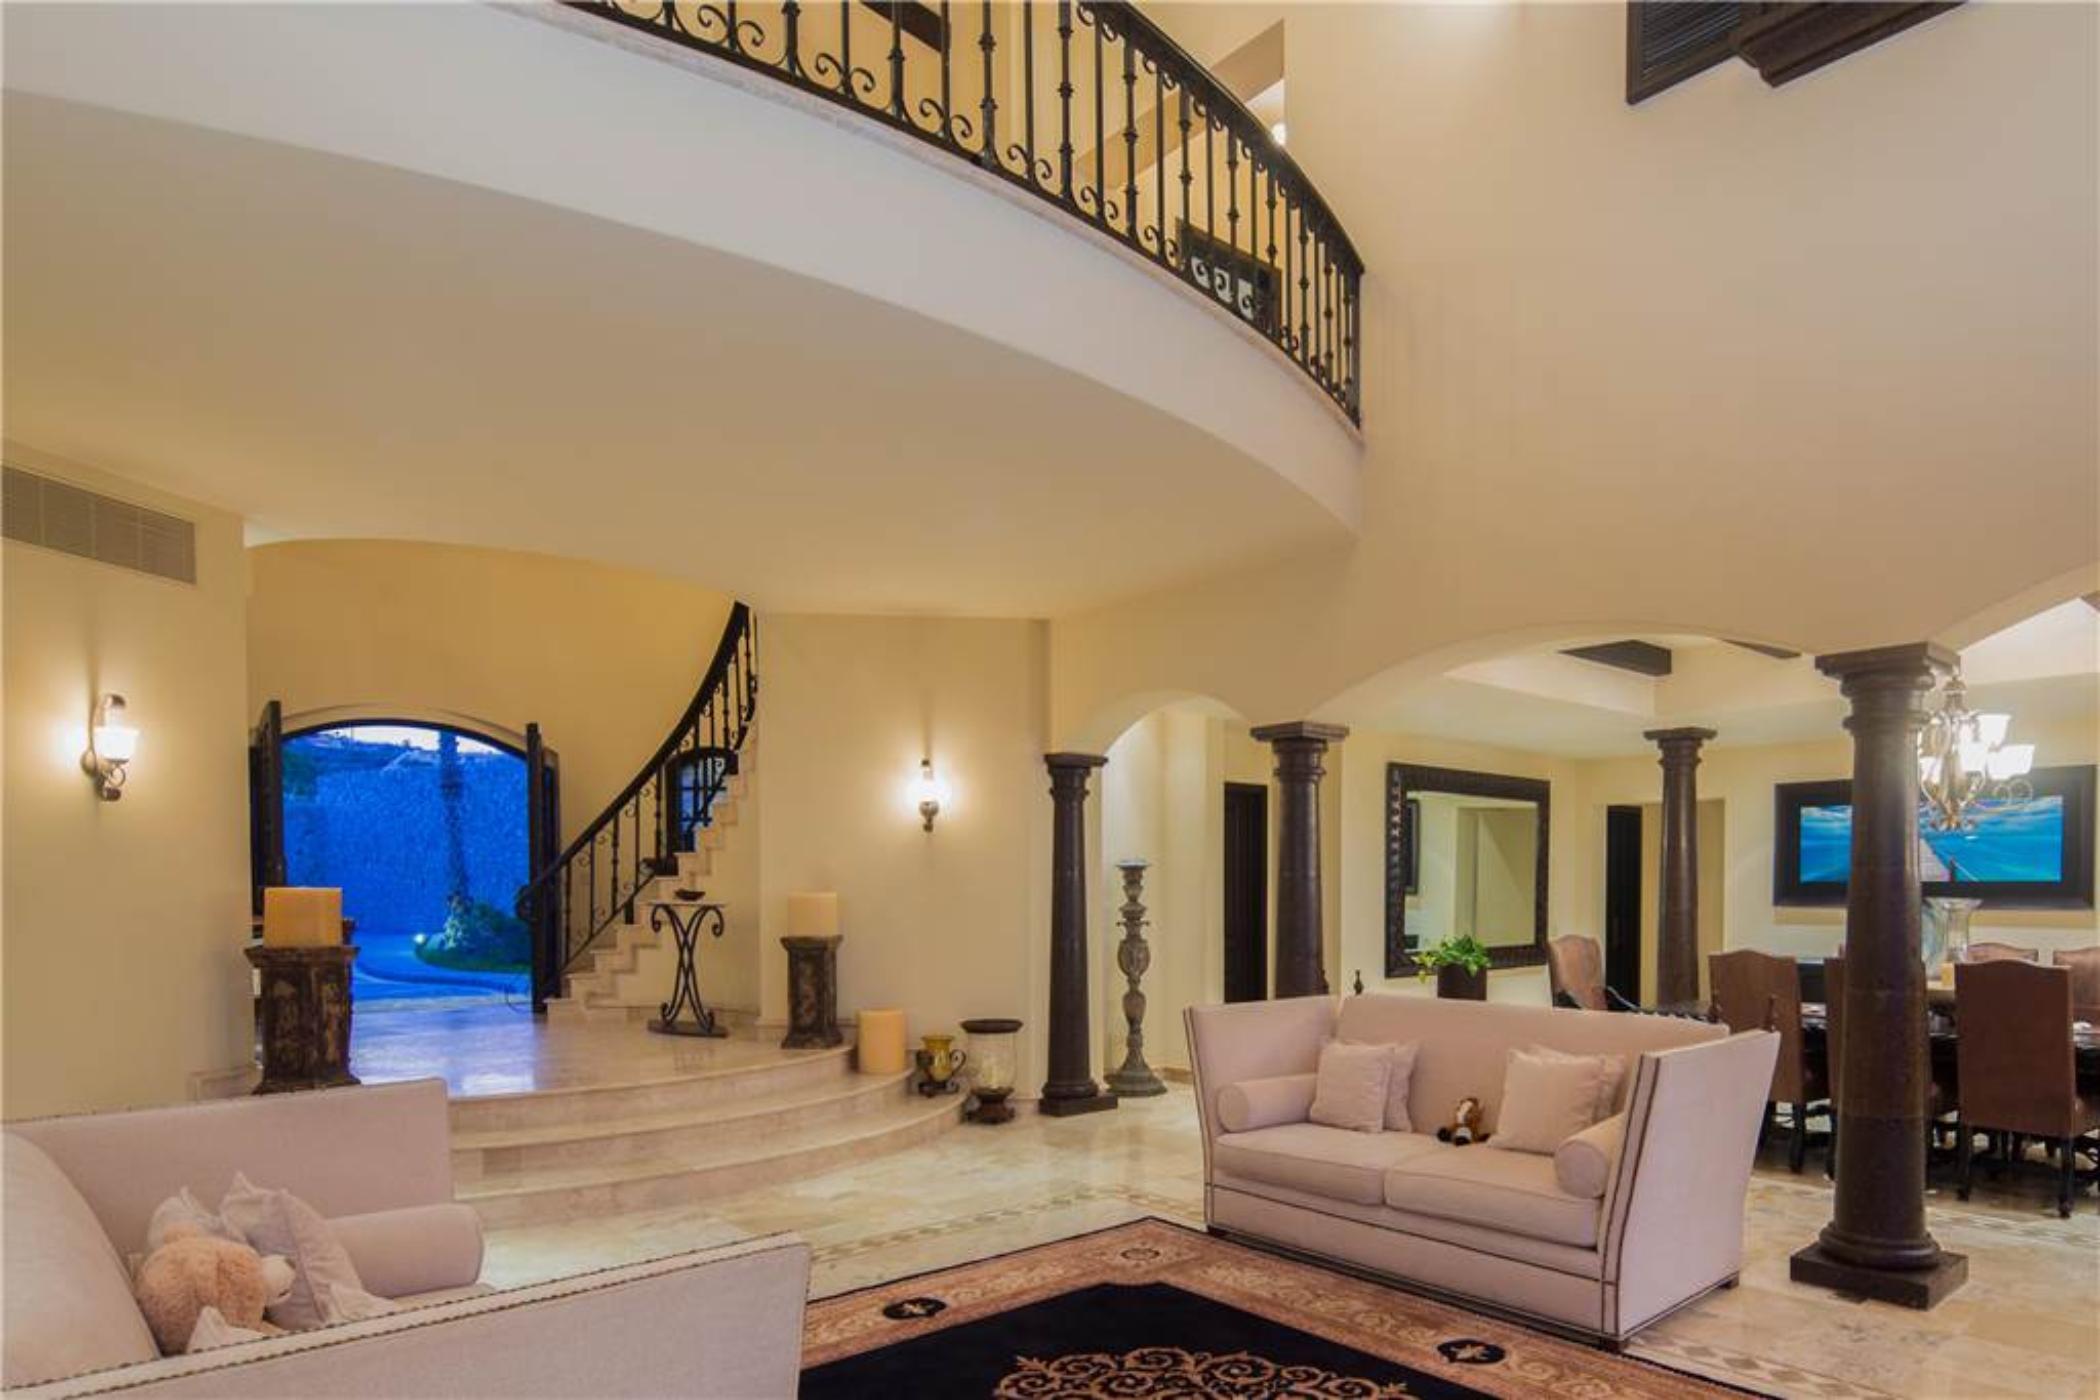 Villa de la Vida